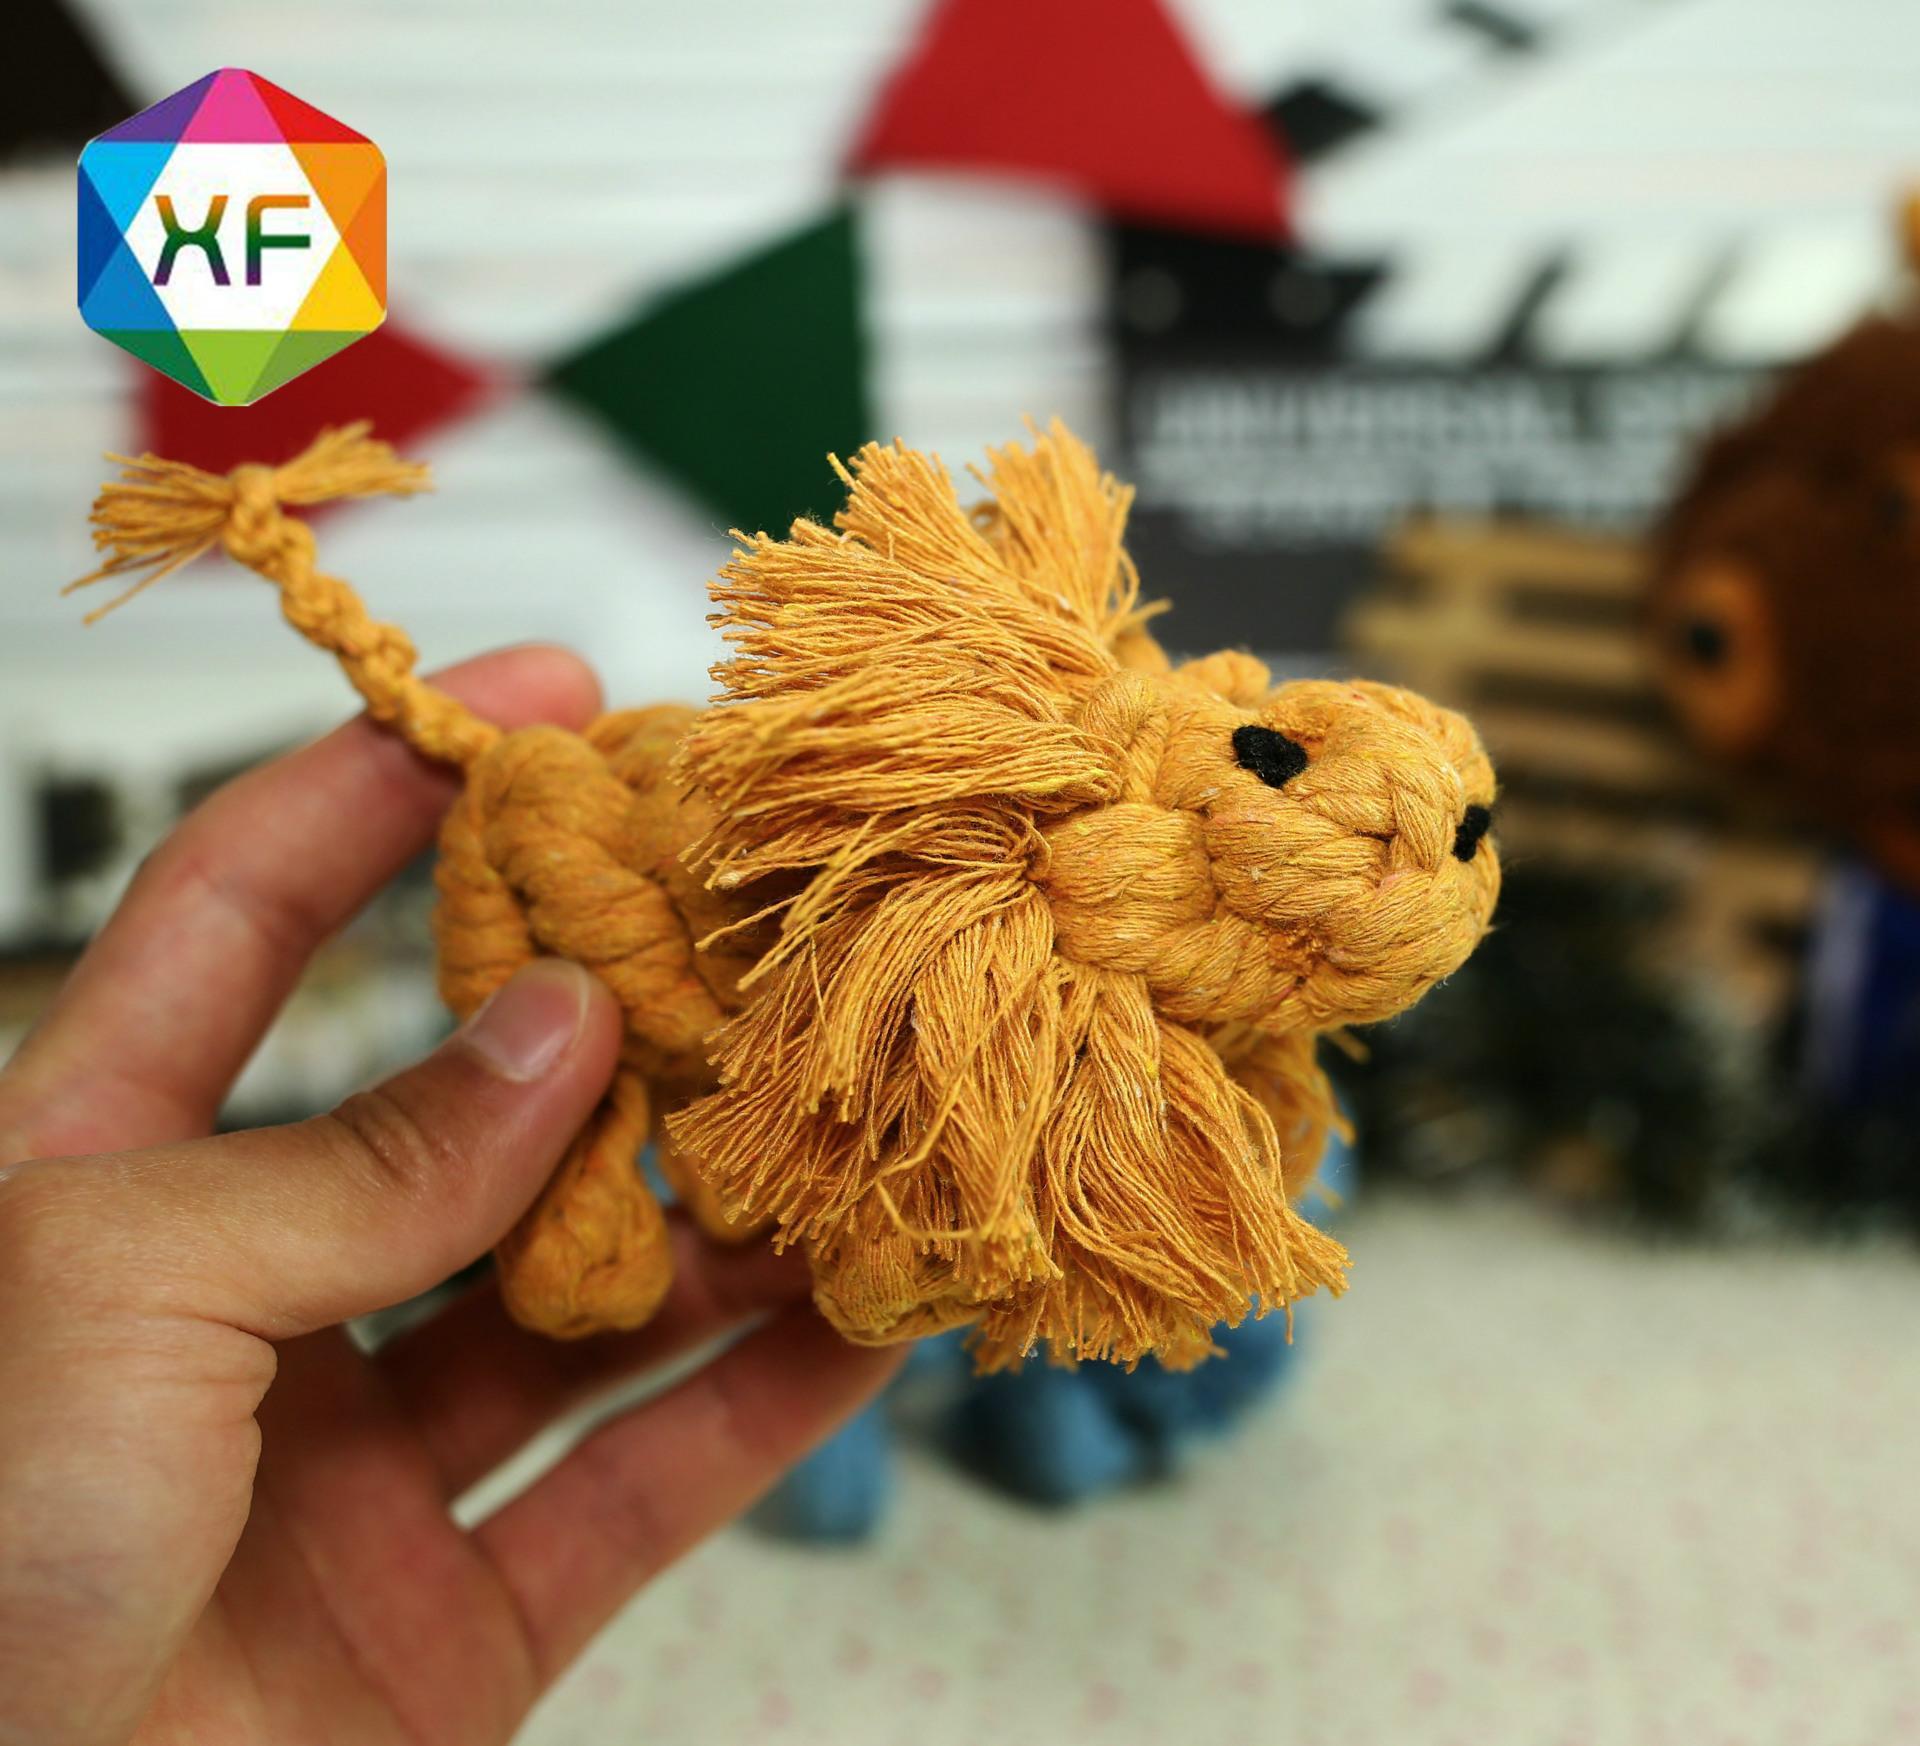 好玩的编织动物 宠物玩具 纯手工编织 手工艺 可爱动物 狮子